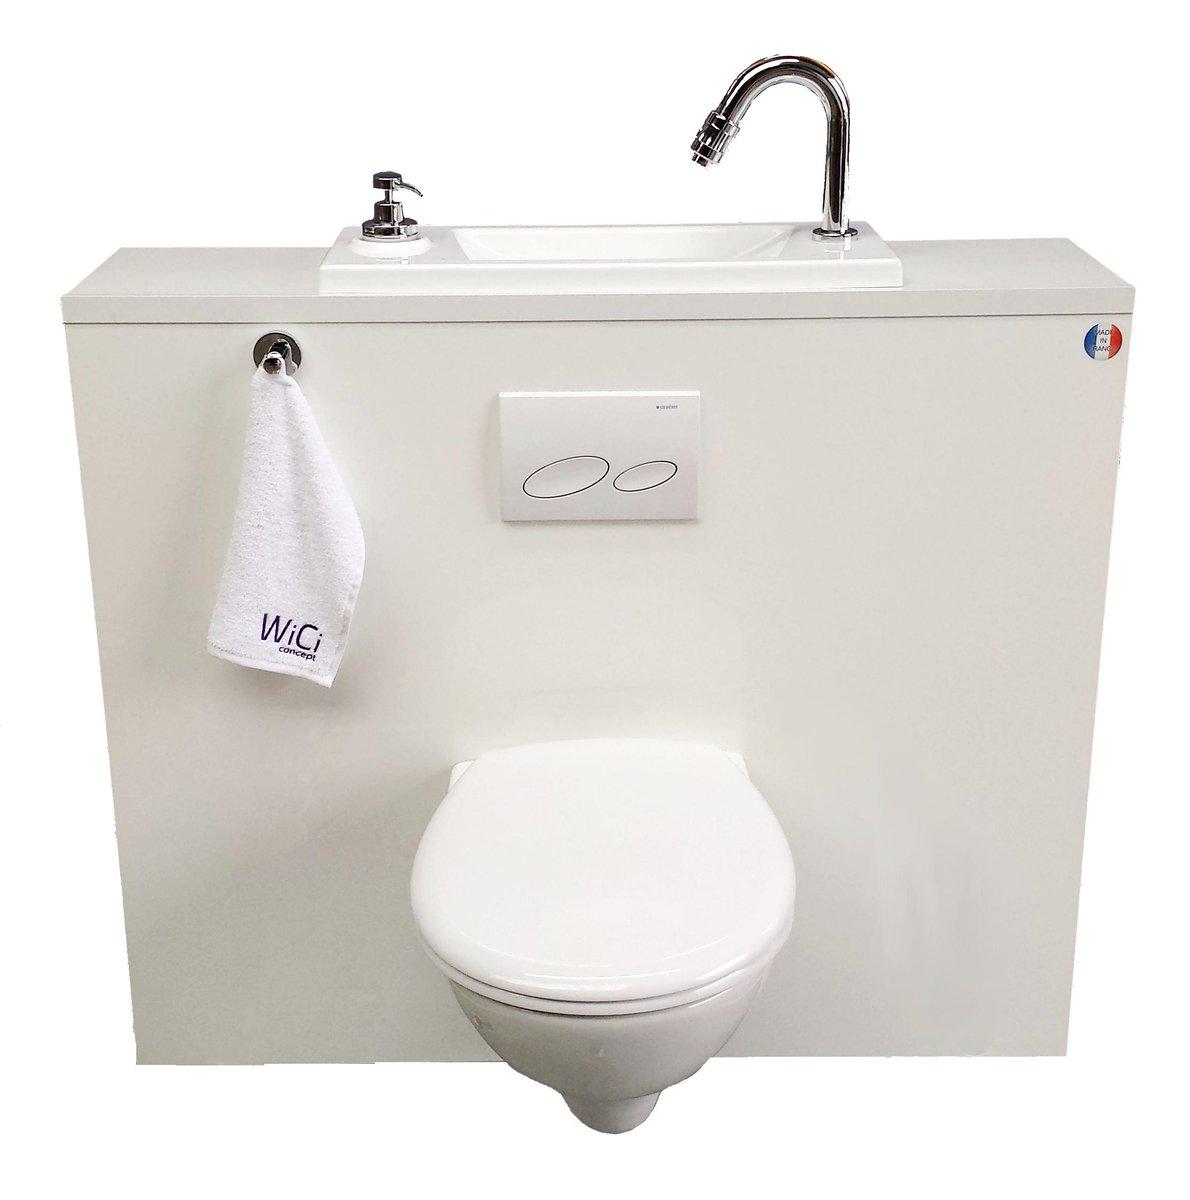 Lave Main Sur Wc Existant 100% wc lave-mains (@comparateurwclm) | twitter